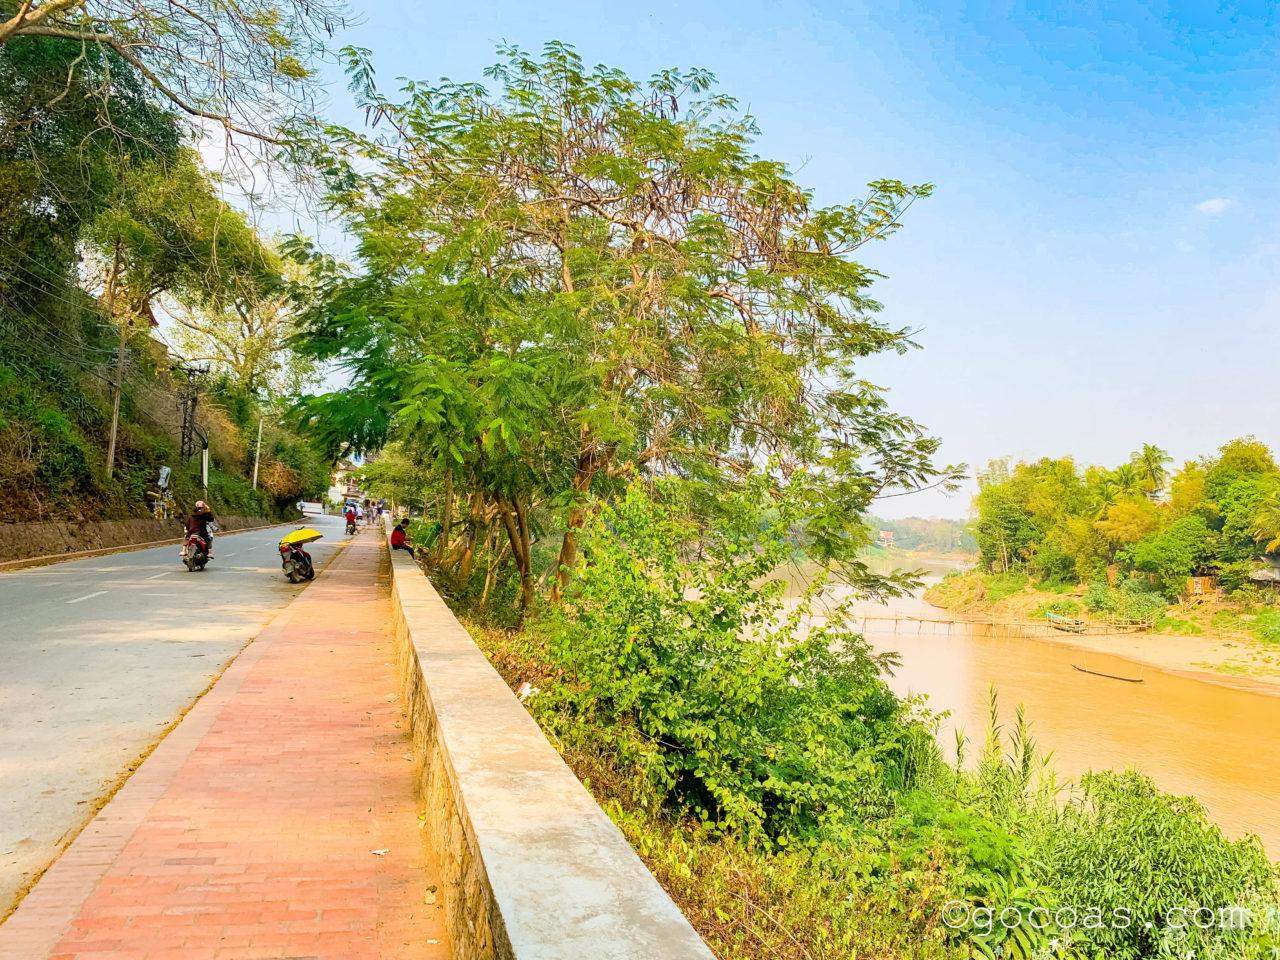 ルアンパバーンの街中のある道路とメコン川